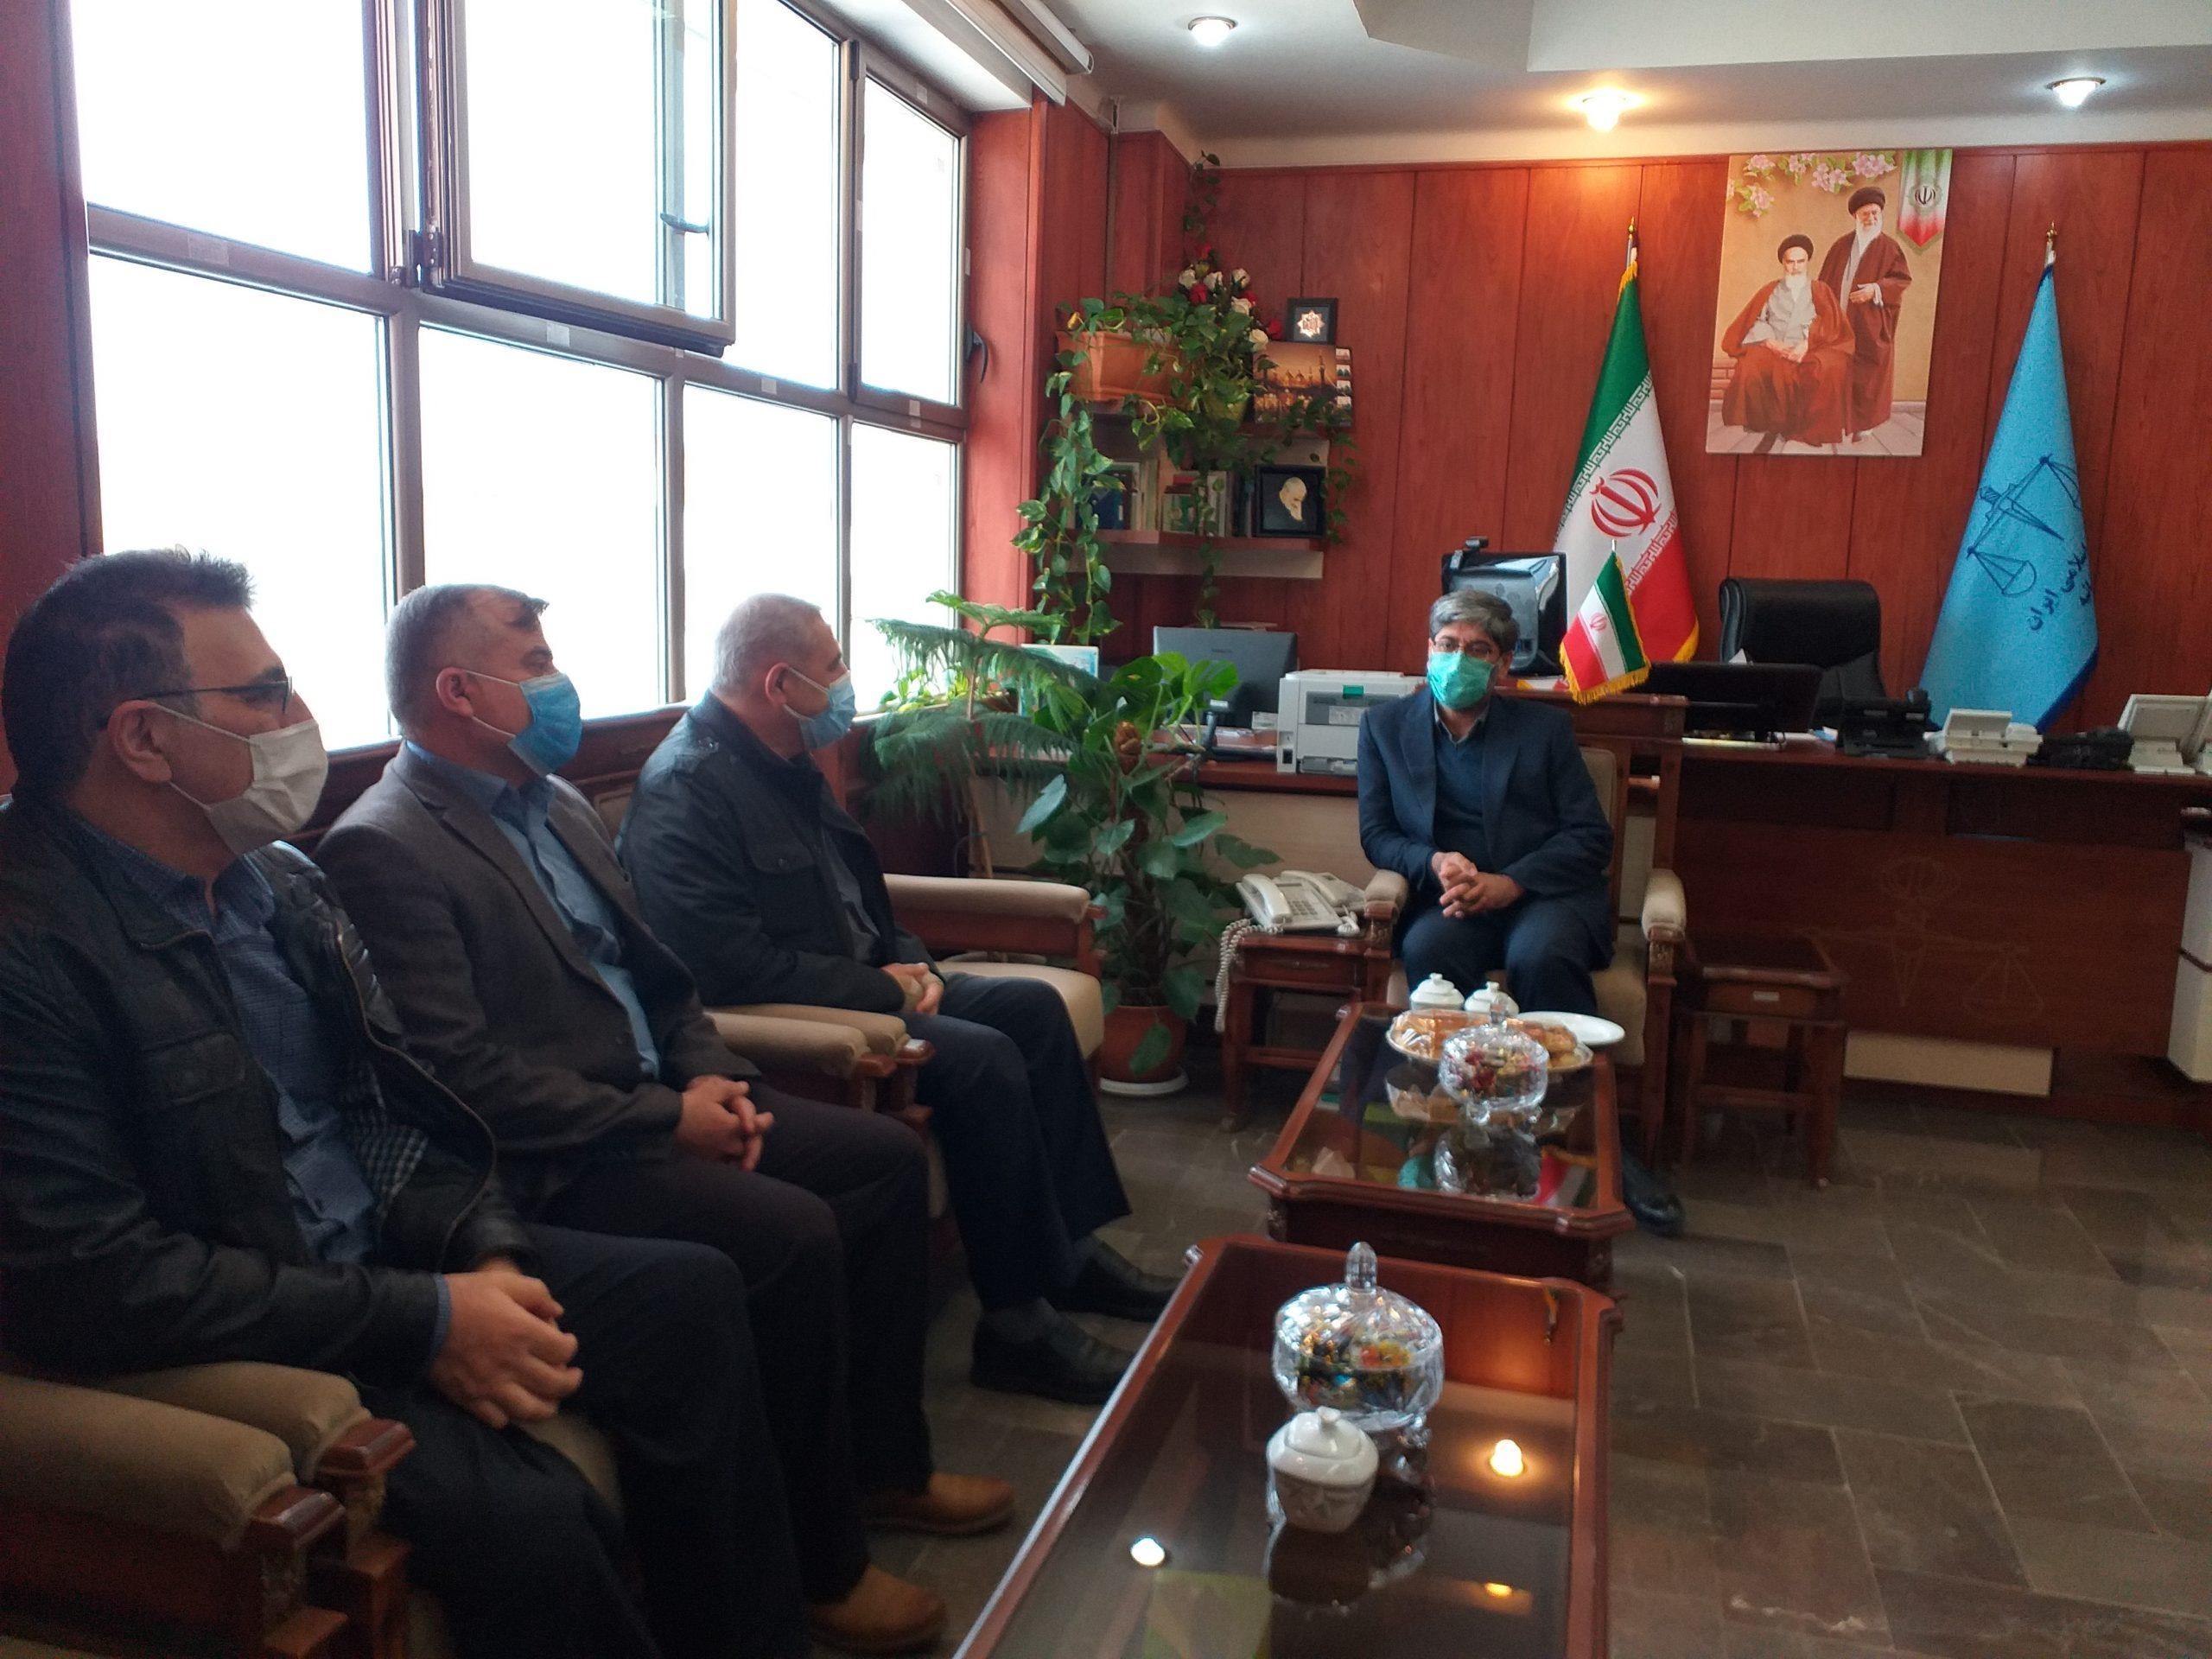 مدیر عامل و کارکنان انجمن حمایت زندانیان اردبیل سنت حسنه دید و بازدید عید را بجا آوردند.